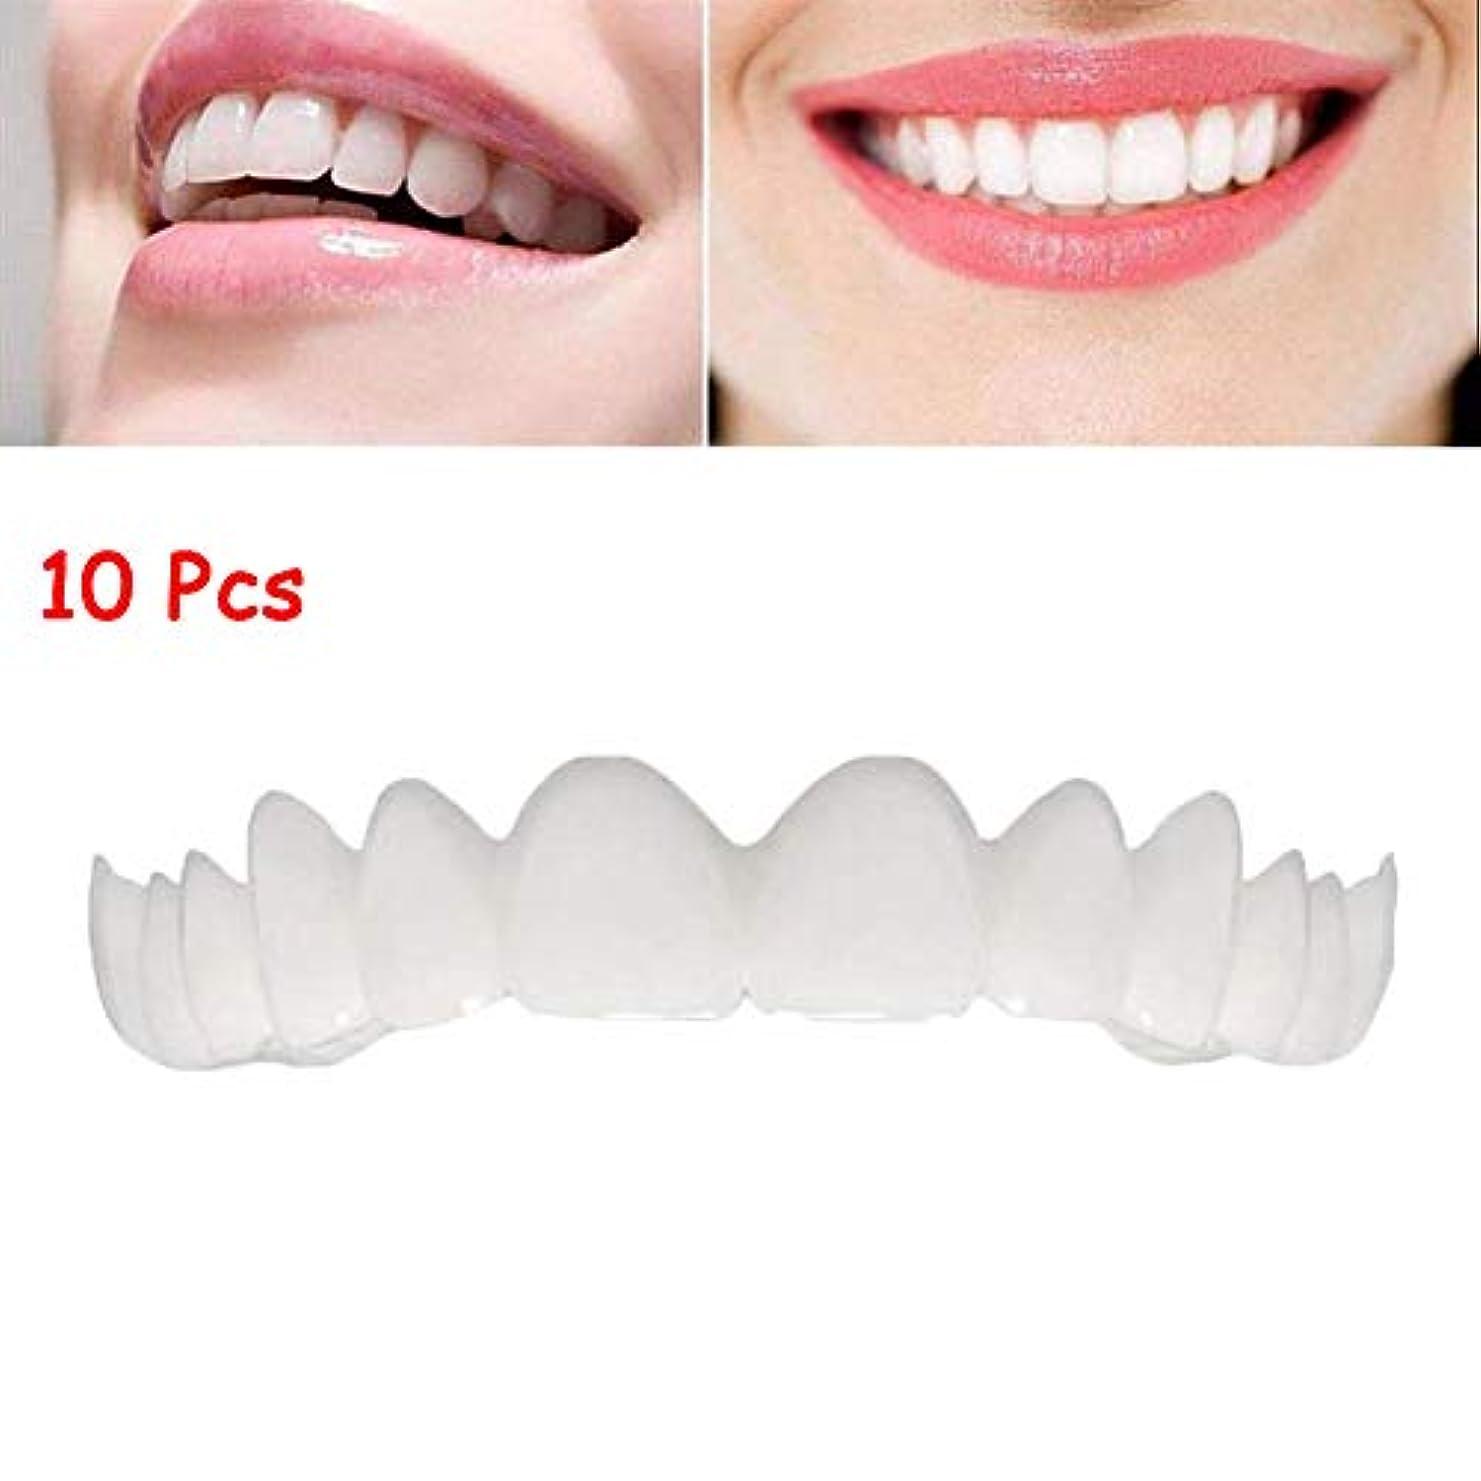 樹皮外科医ボックス10個の一時的な化粧品の歯の義歯は歯を白くするブレースを模擬